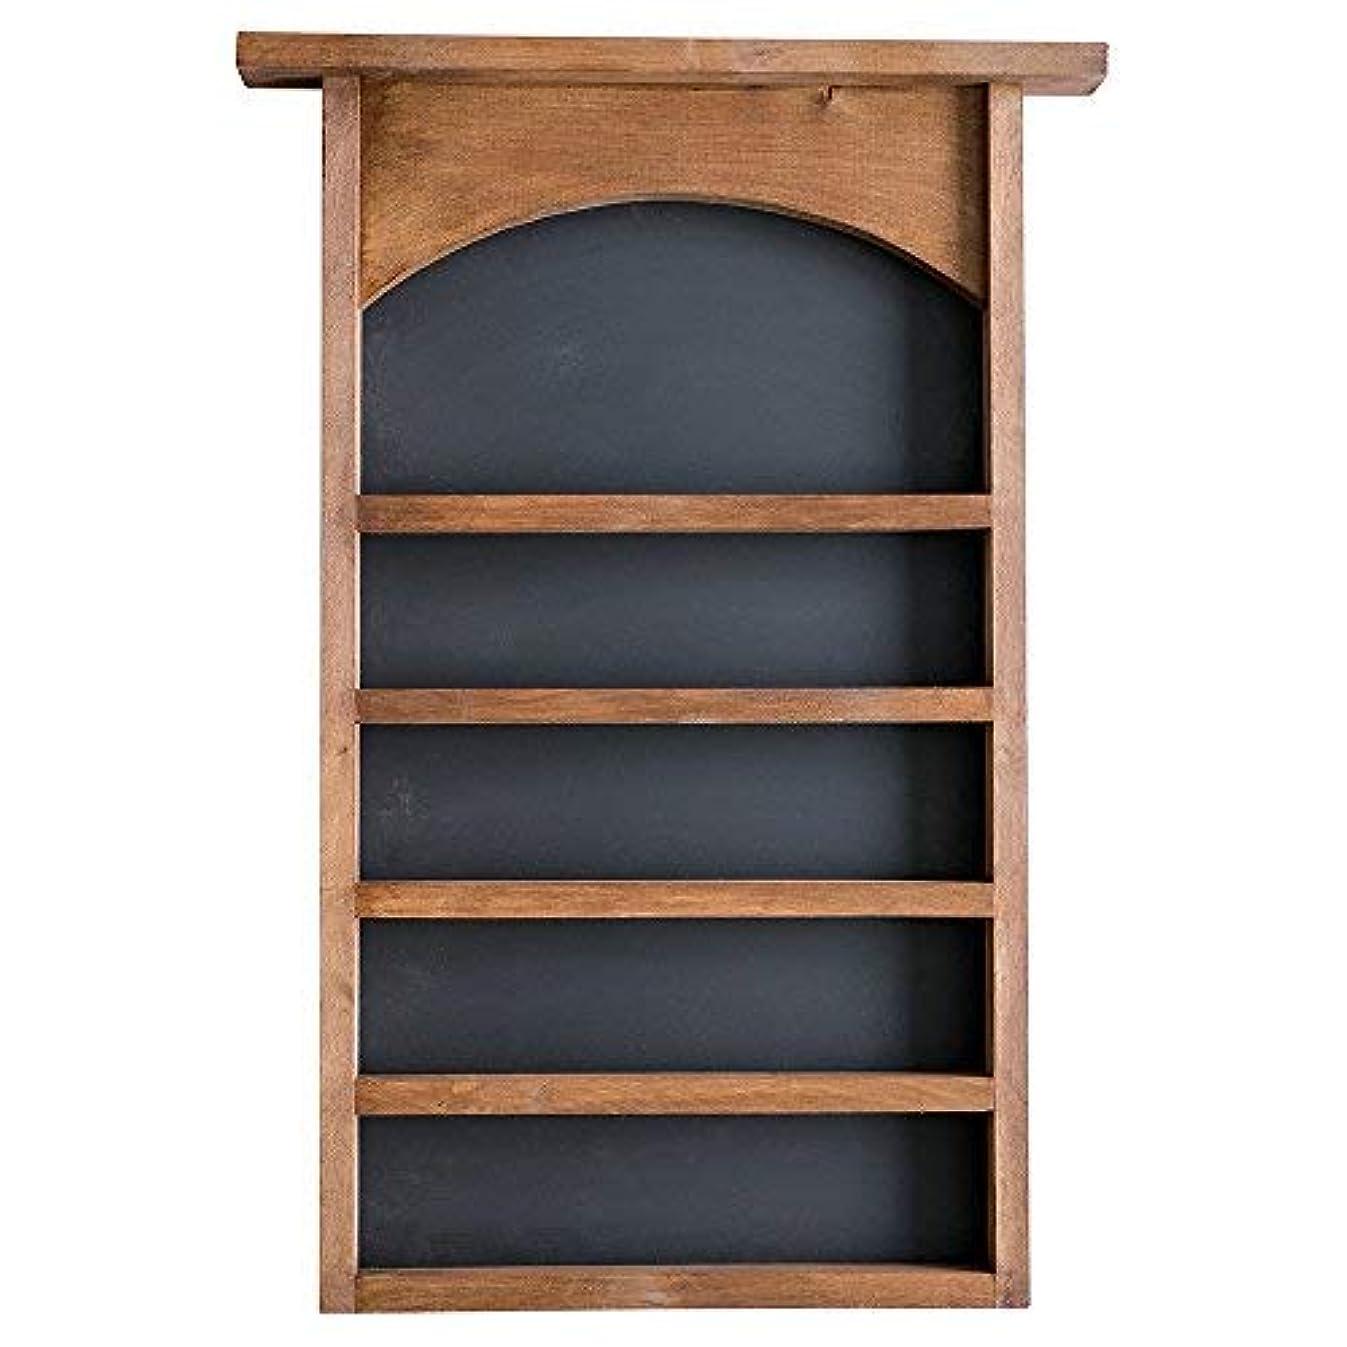 宣言する天使格差Essential Oil表示シェルフと黒板Back |ソリッド木製|壁マウント| Modernファームハウス装飾| 30 x 18.5インチ